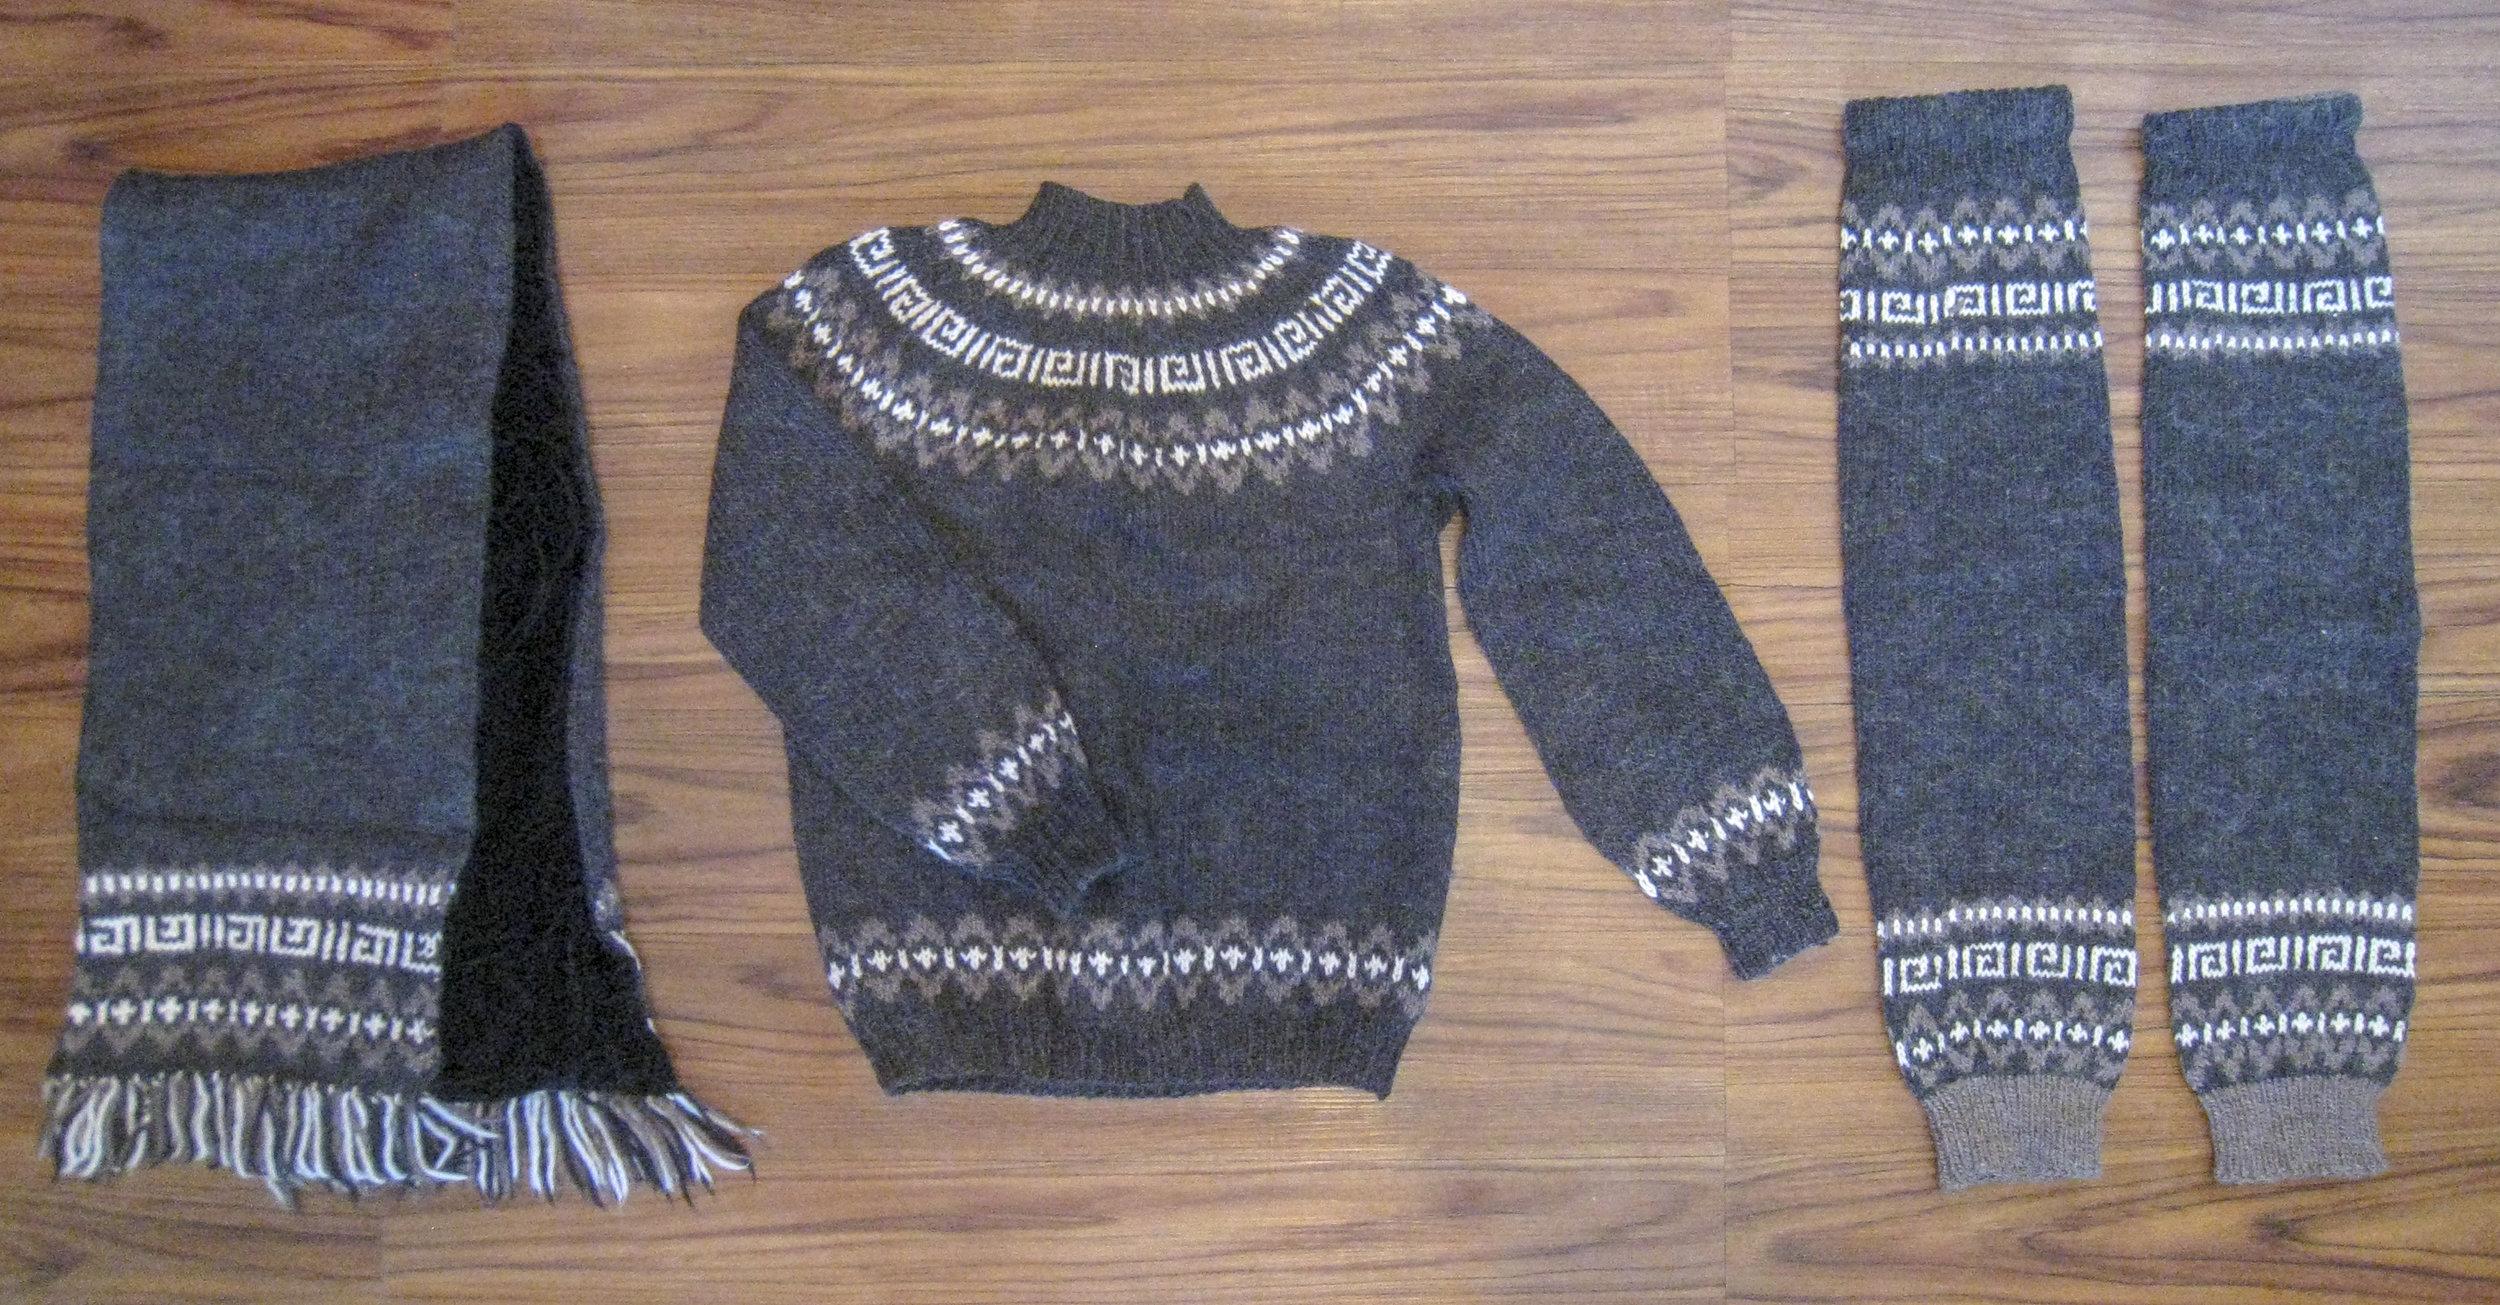 Mutties Sweaters.jpg